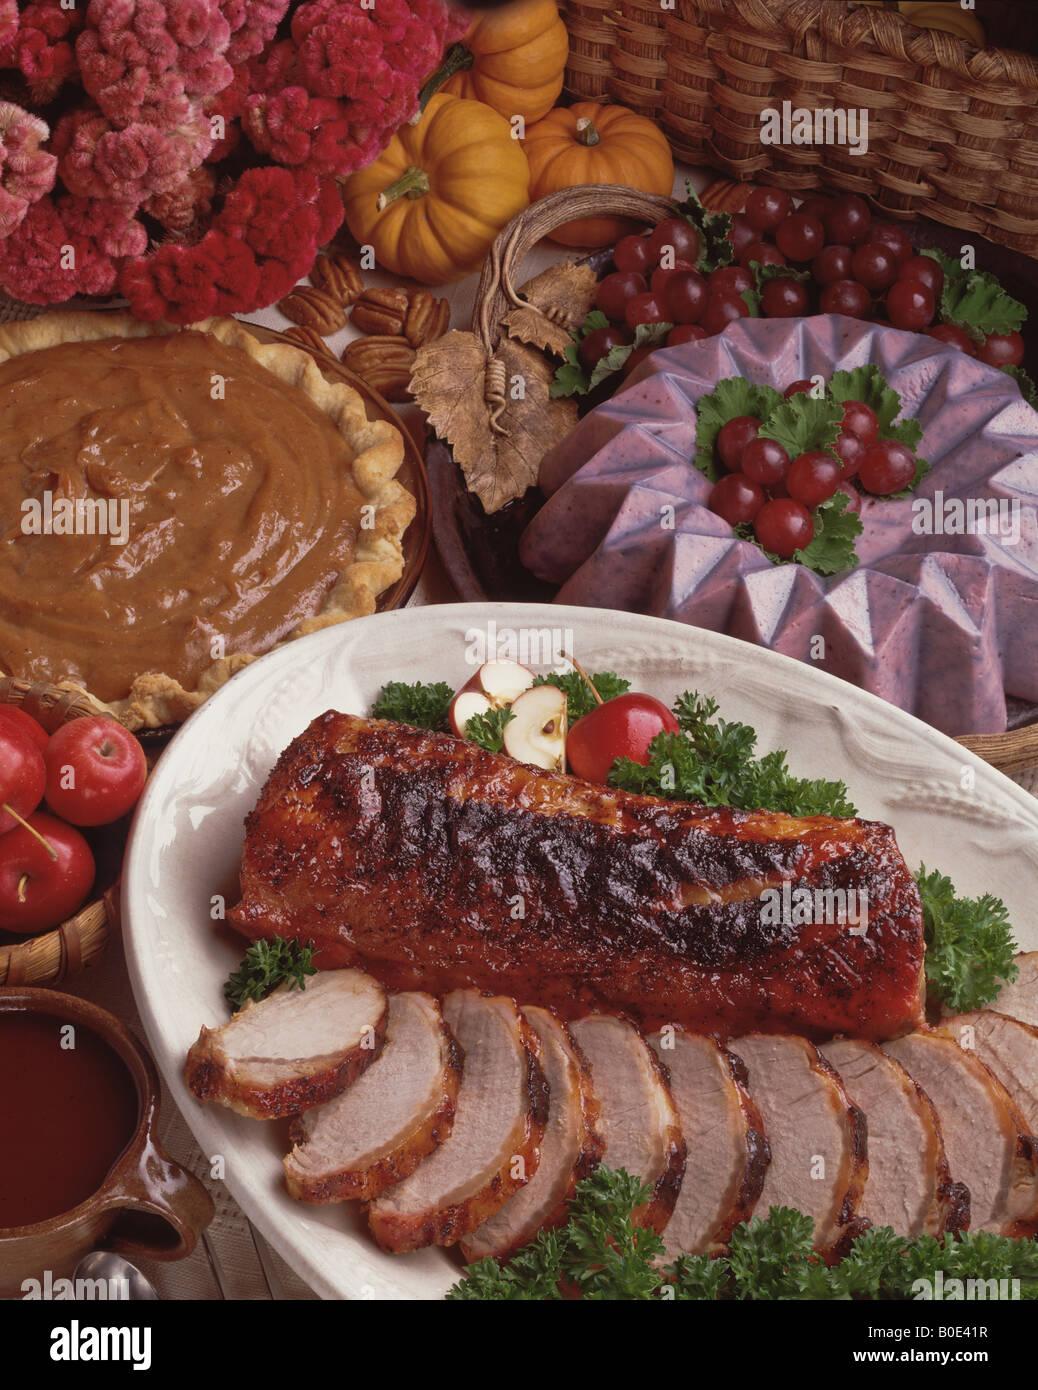 Hermosa Recetas De Cocina Del País Motivo - Ideas de Decoración de ...